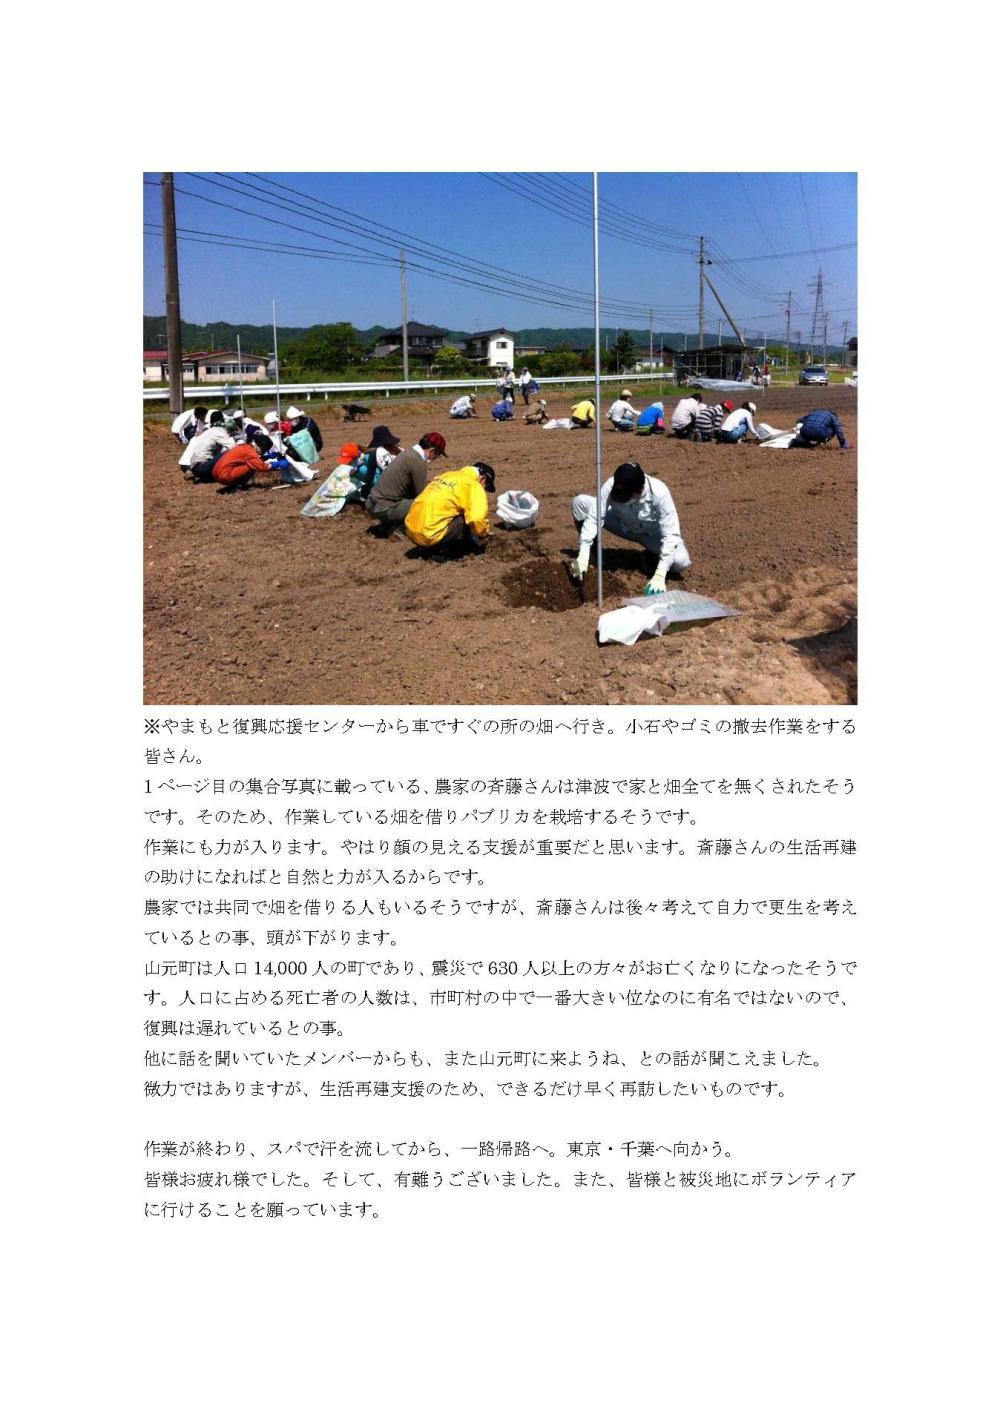 災害支援ボランティア活動報告書。No.14_ページ_3_convert_20120607230335